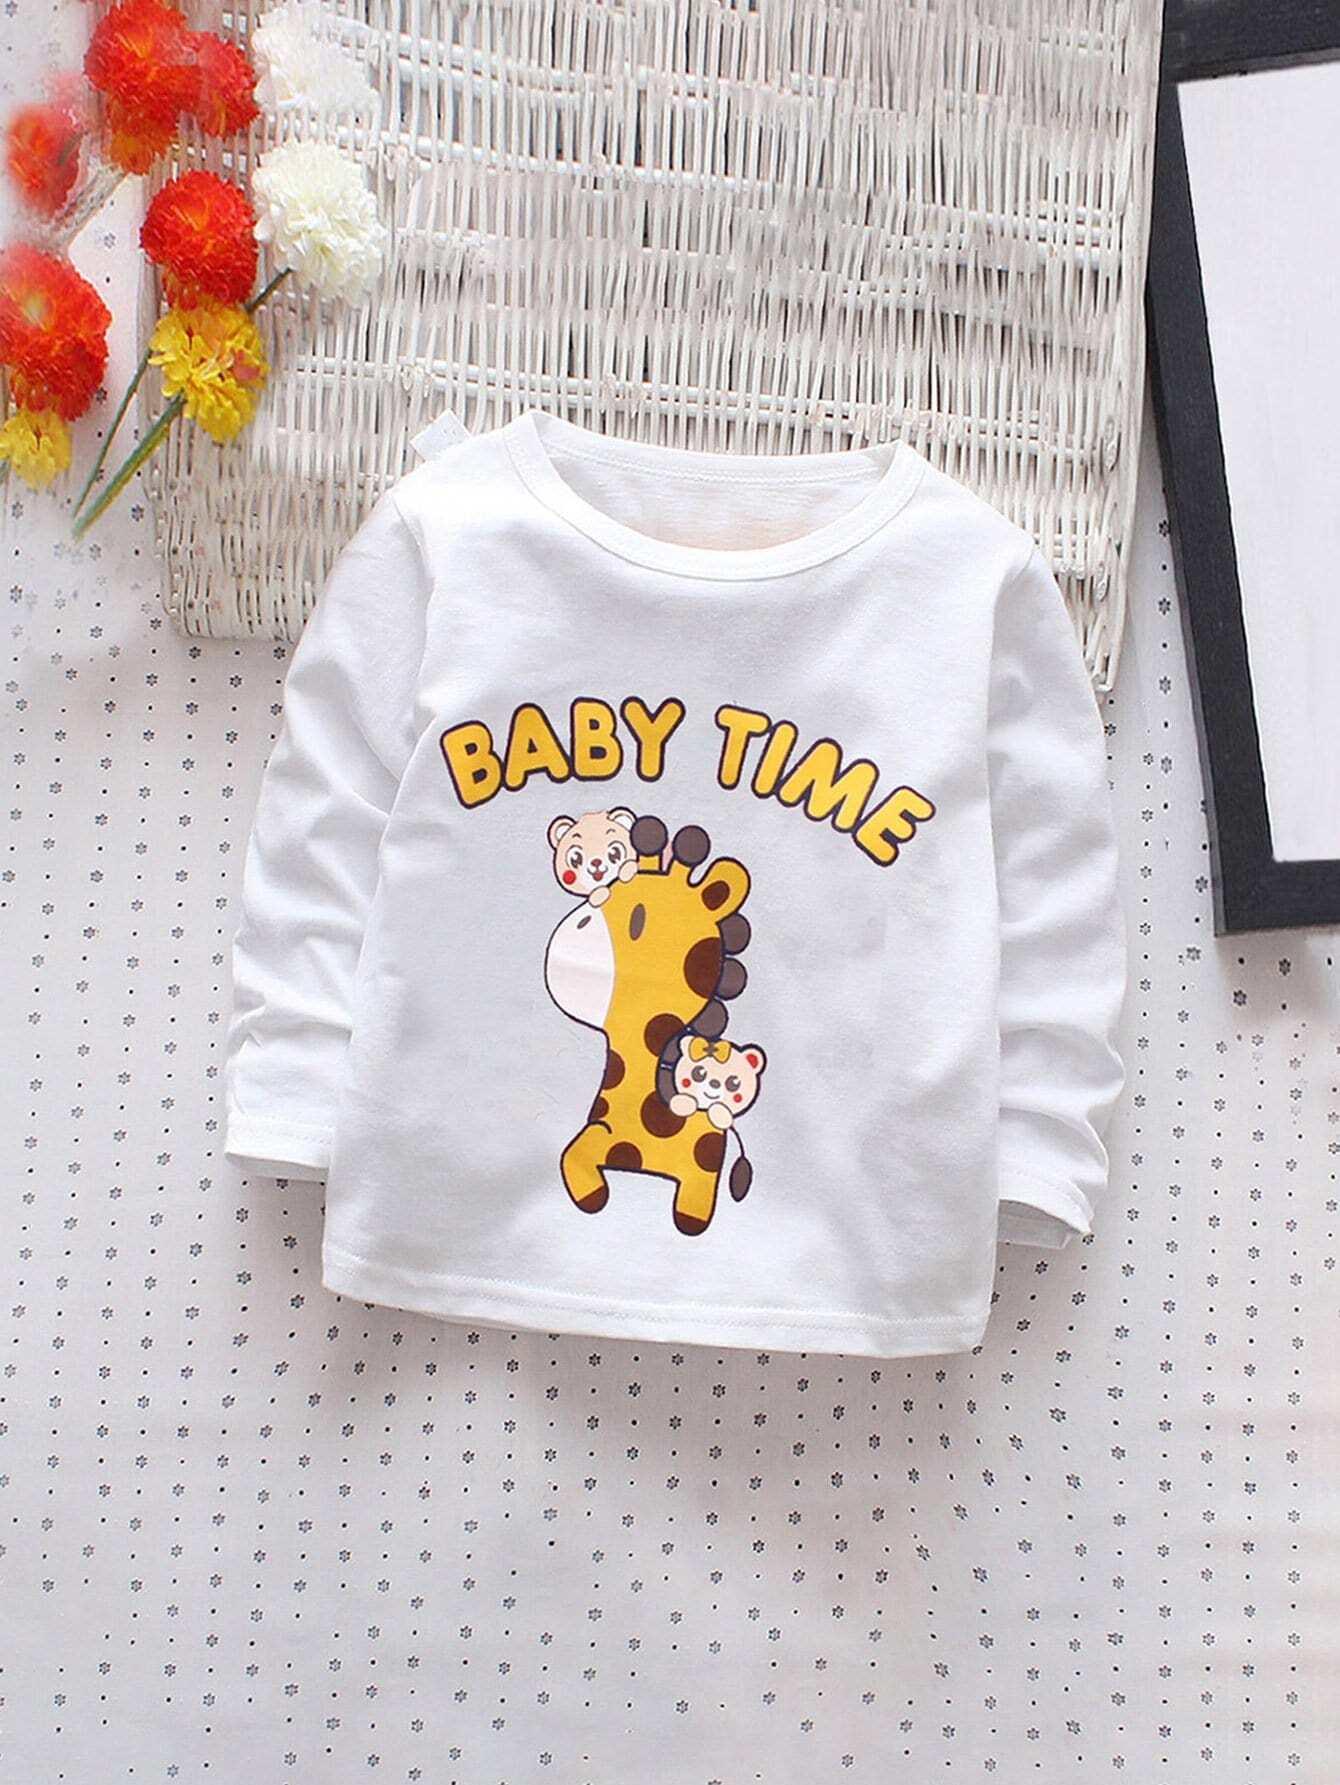 Купить Футболка с рисунками жирафы и буквы для девочки, null, SheIn